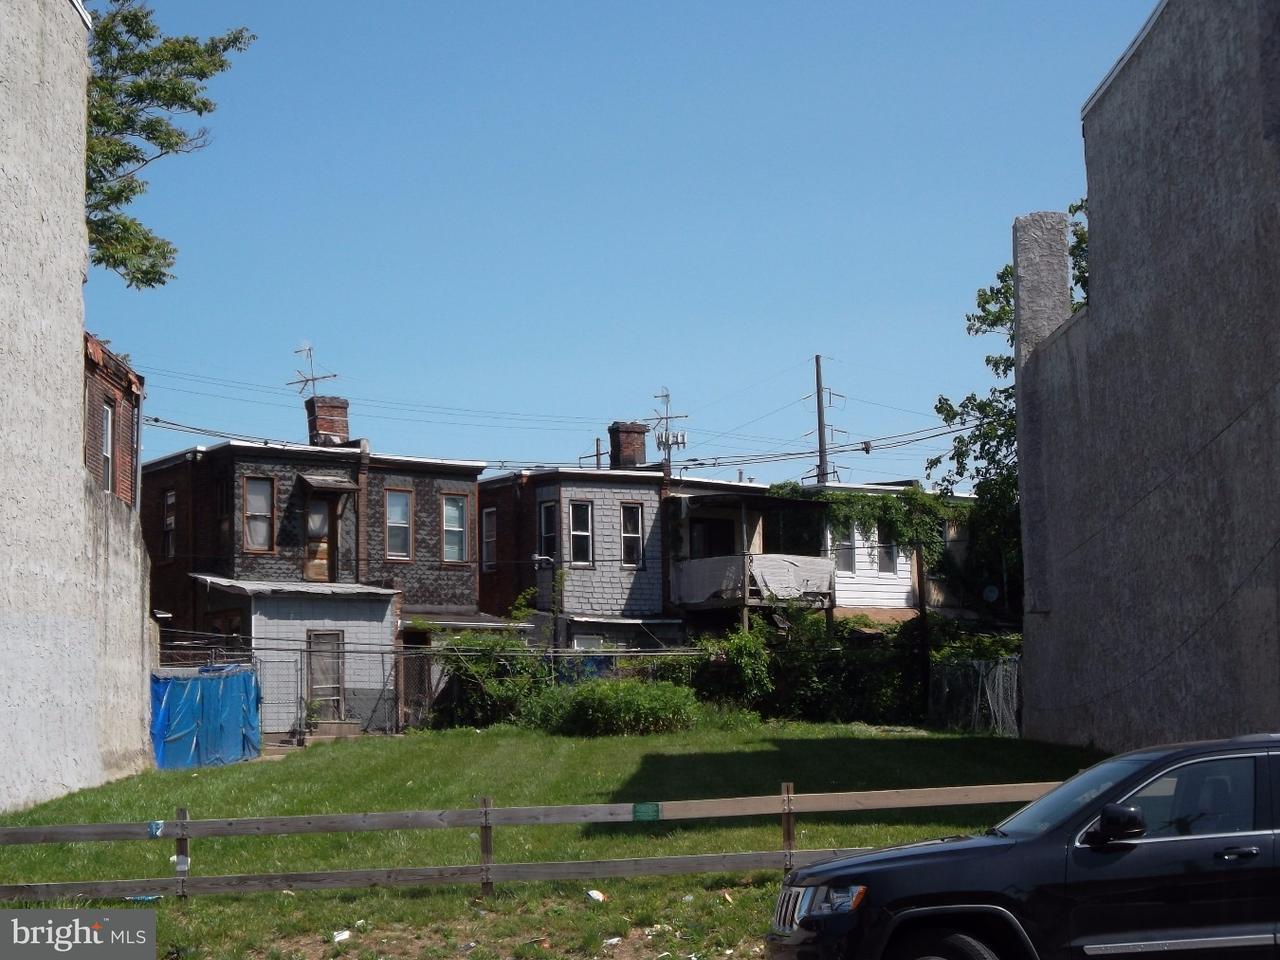 Частный односемейный дом для того Продажа на 1621 W LEHIGH Avenue Philadelphia, Пенсильвания 19132 Соединенные Штаты